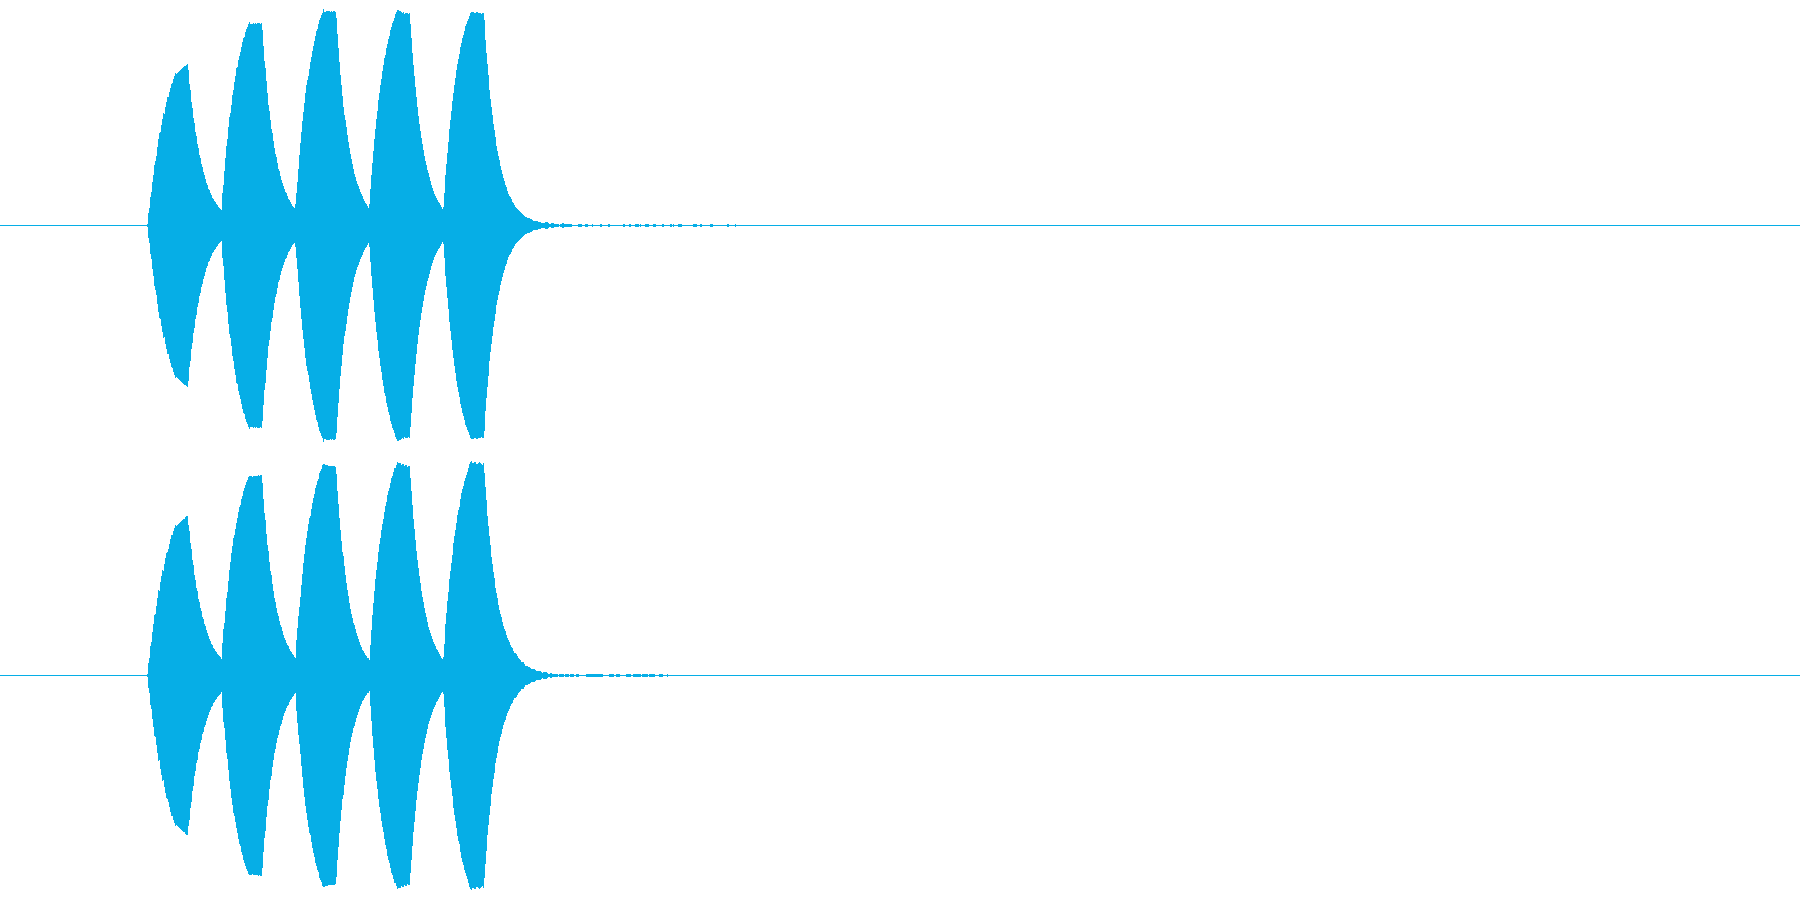 ピロリ②(クリア・お知らせ・場面転換)の再生済みの波形